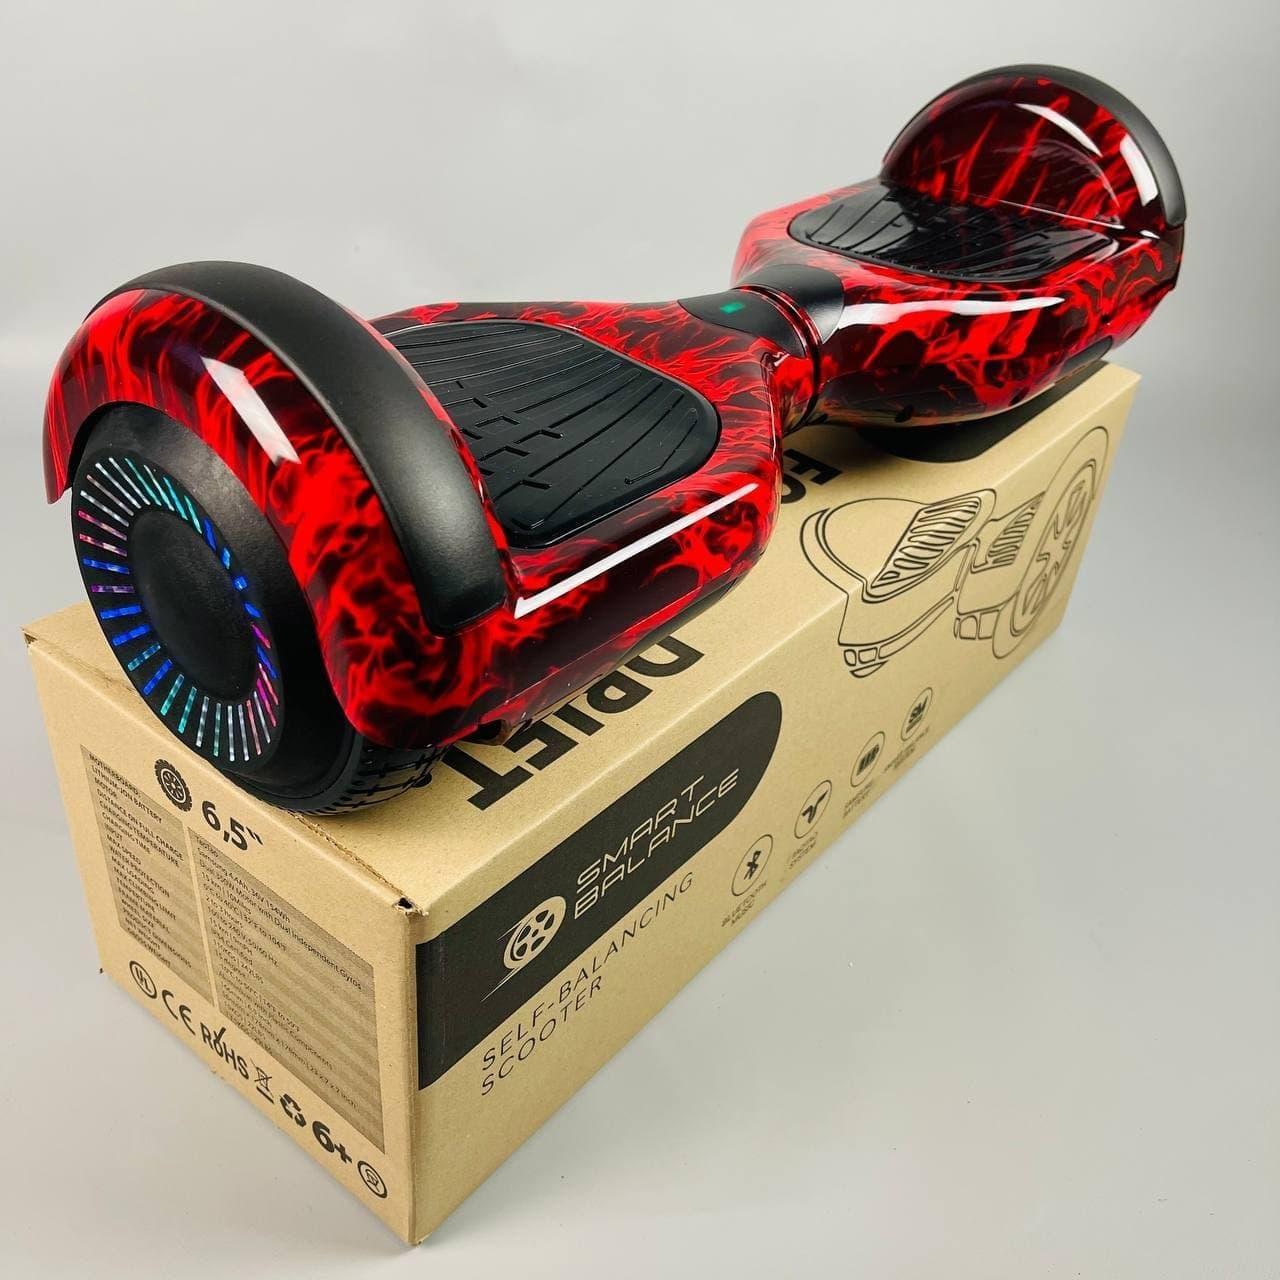 Гироскутер Smart Balance Wheel 6.5 Красное пламя с подсветкой | Гироборд Смарт Баланс маленький для взрослых